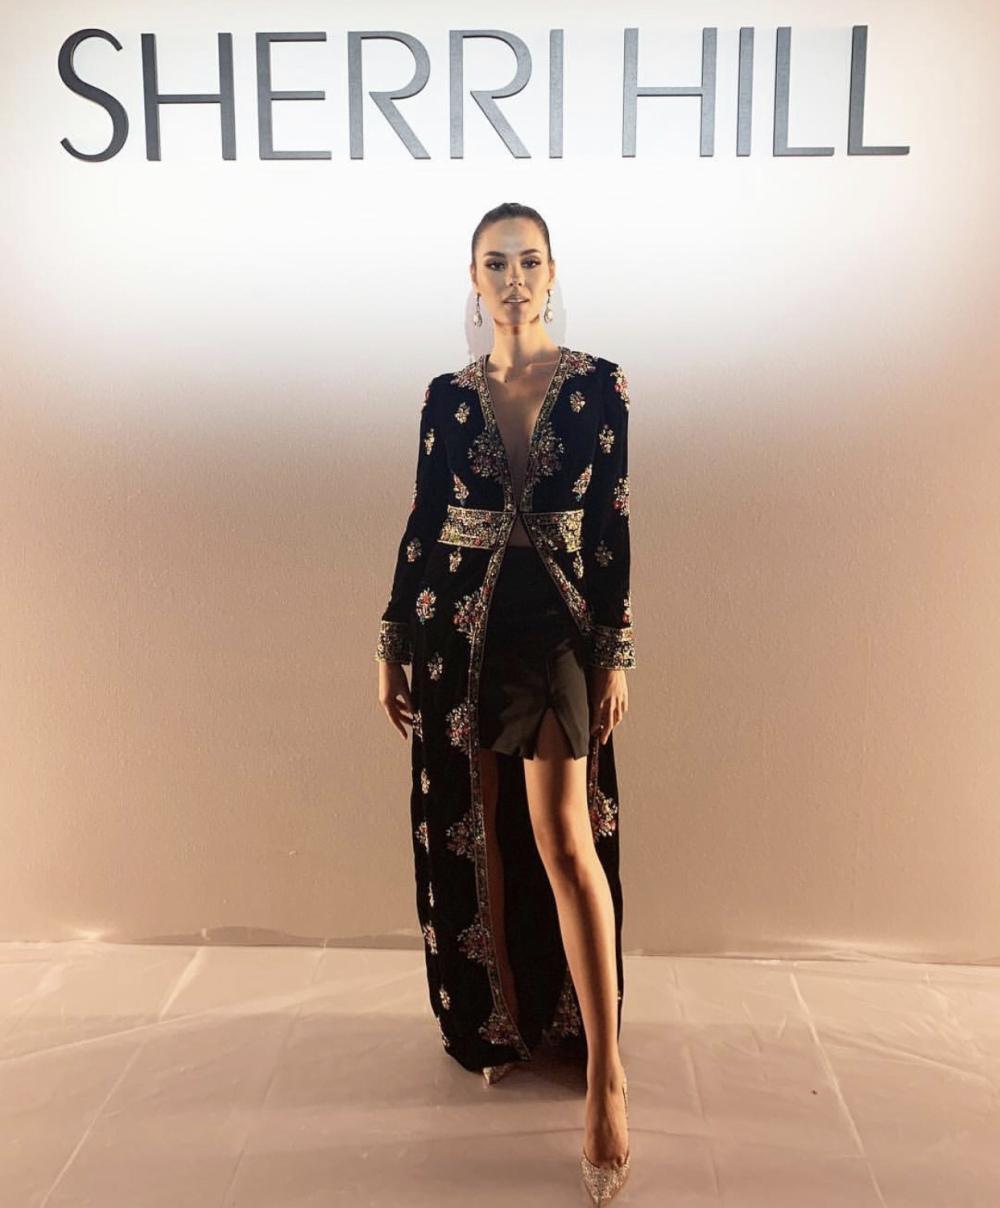 أزياء شيري هيل خلال اسبوع الموضه في نيويورك 2020